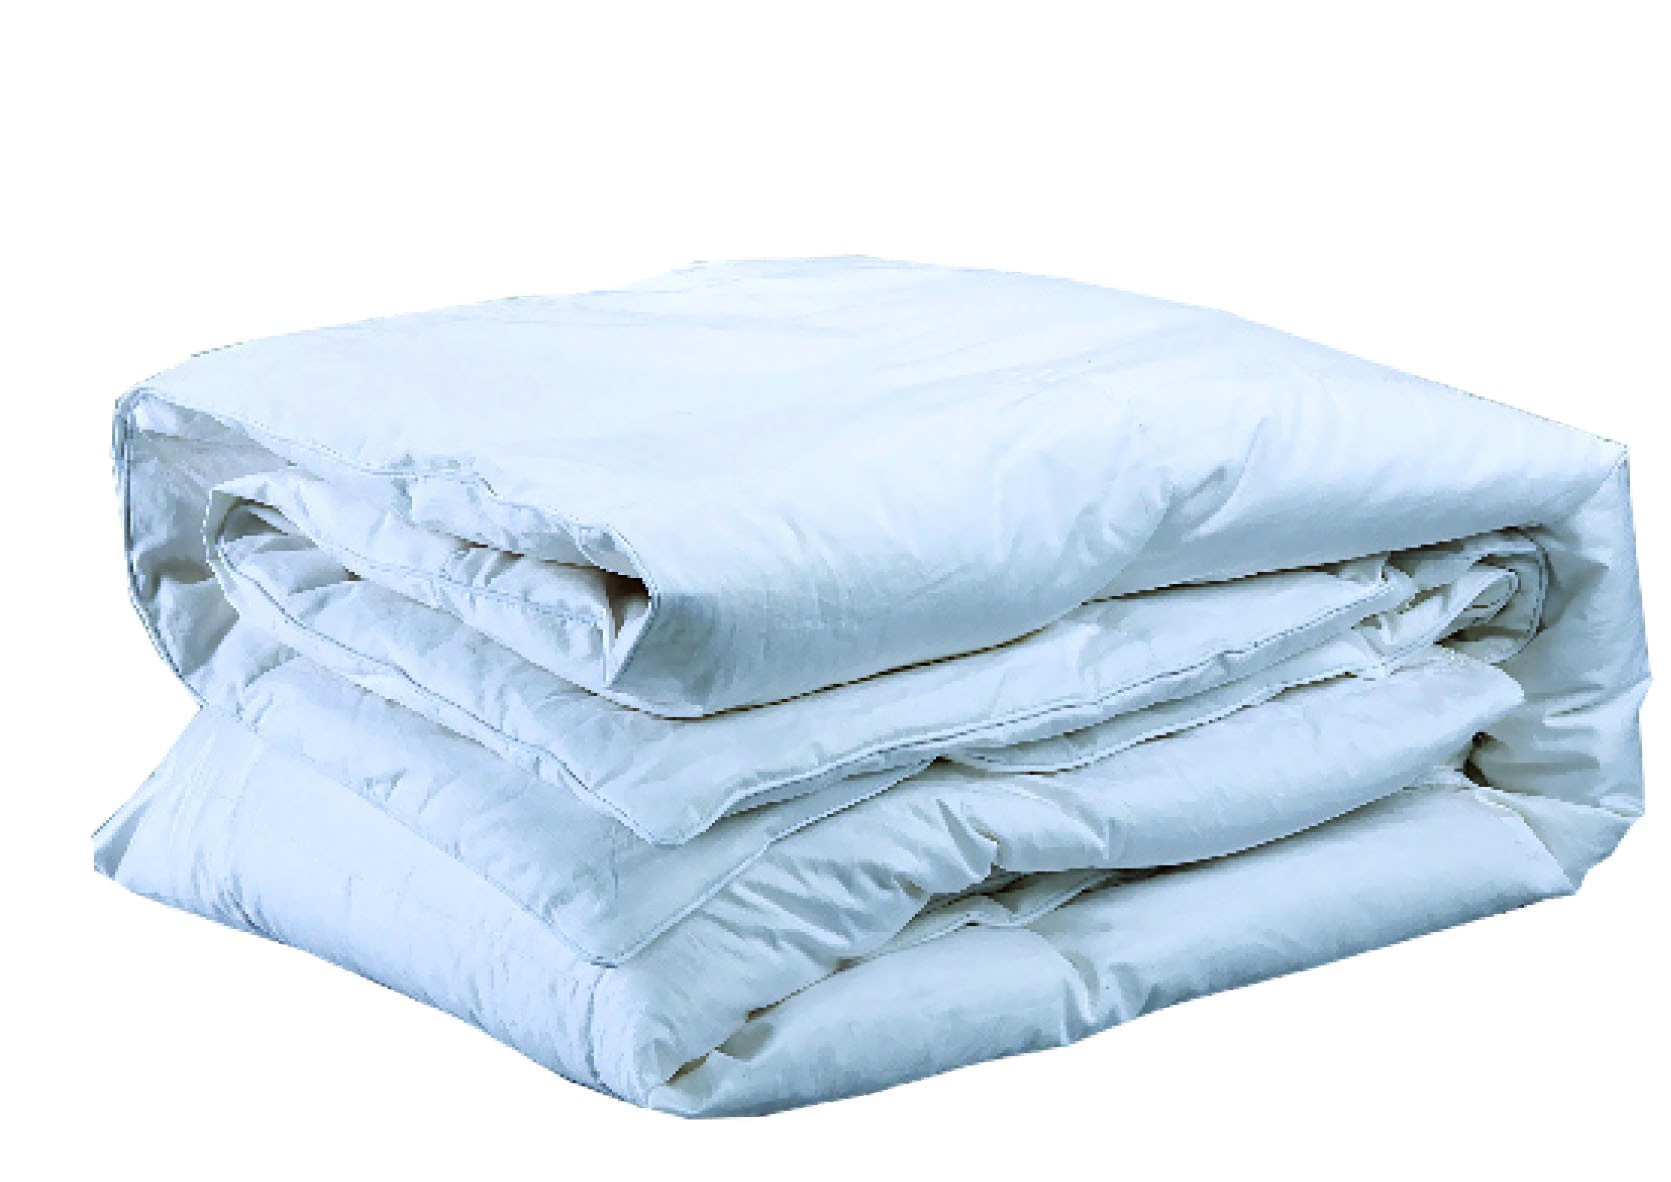 Πάπλωμα Πουπουλένιο Μονό Morven Mariola 90/10 home   κρεβατοκάμαρα   παπλώματα   παπλώματα πουπουλένια